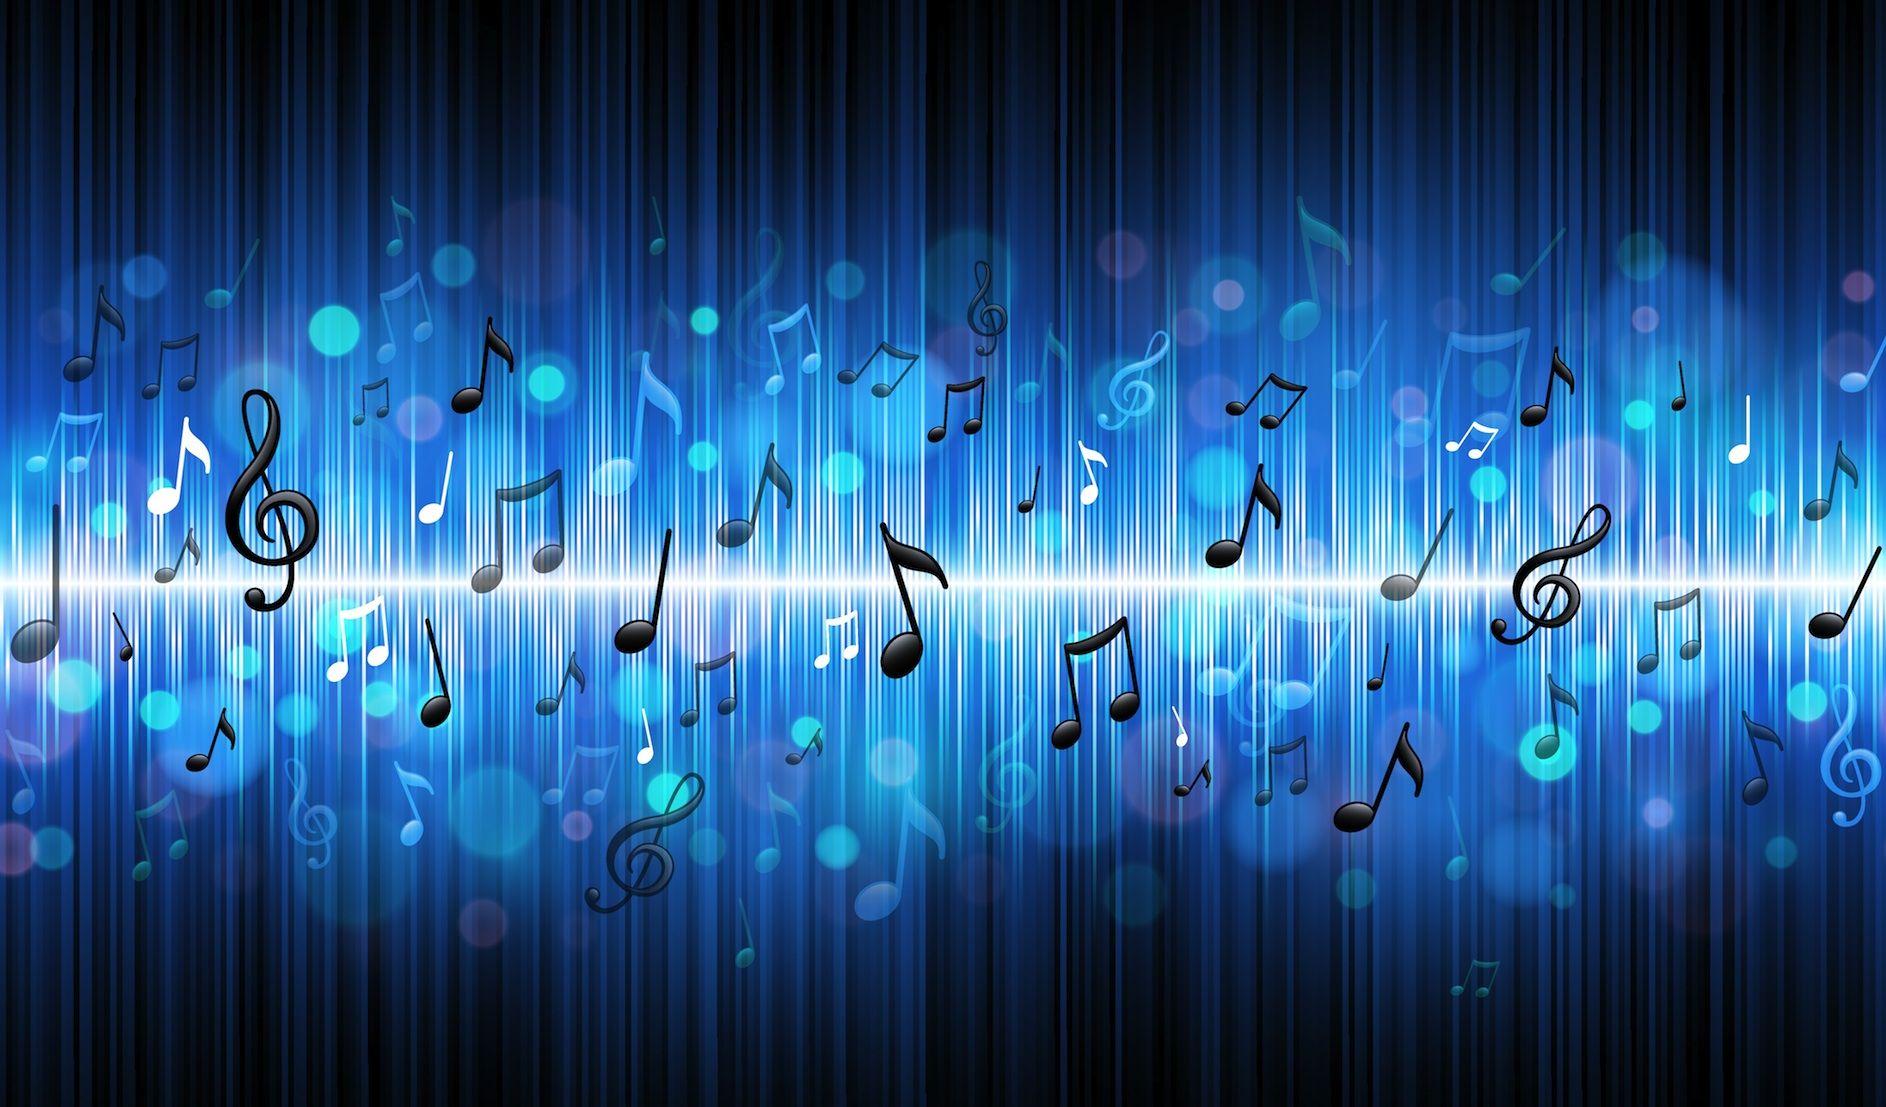 Music Notes Wallpaper ecup Yoanu